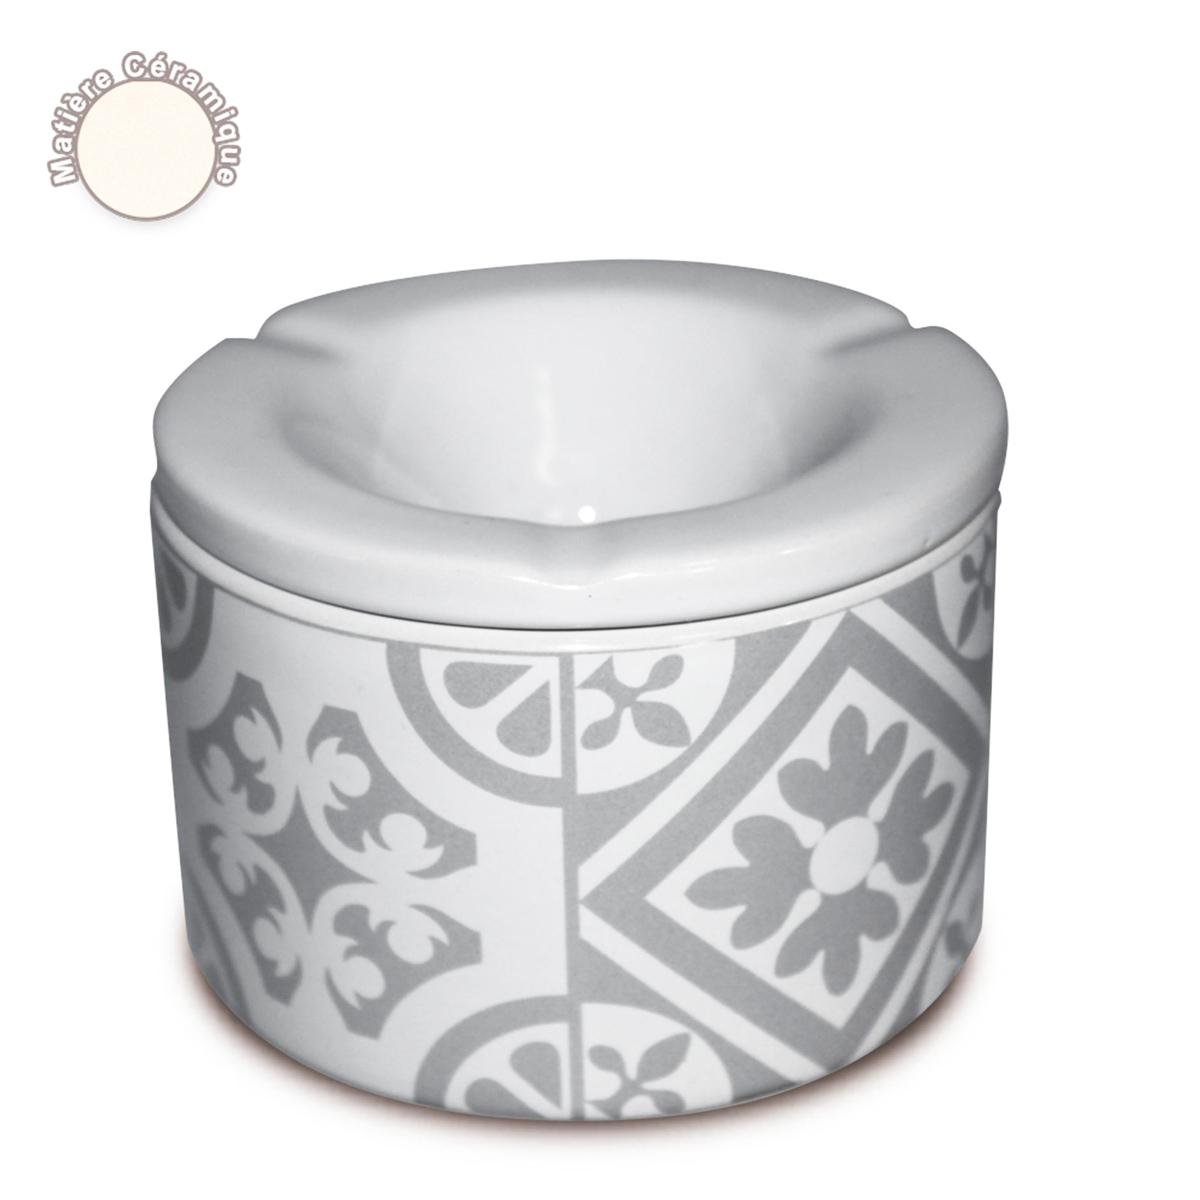 Cendrier marocain céramique \'Carreaux de Ciment\' gris - 10x7 cm - [A0558]